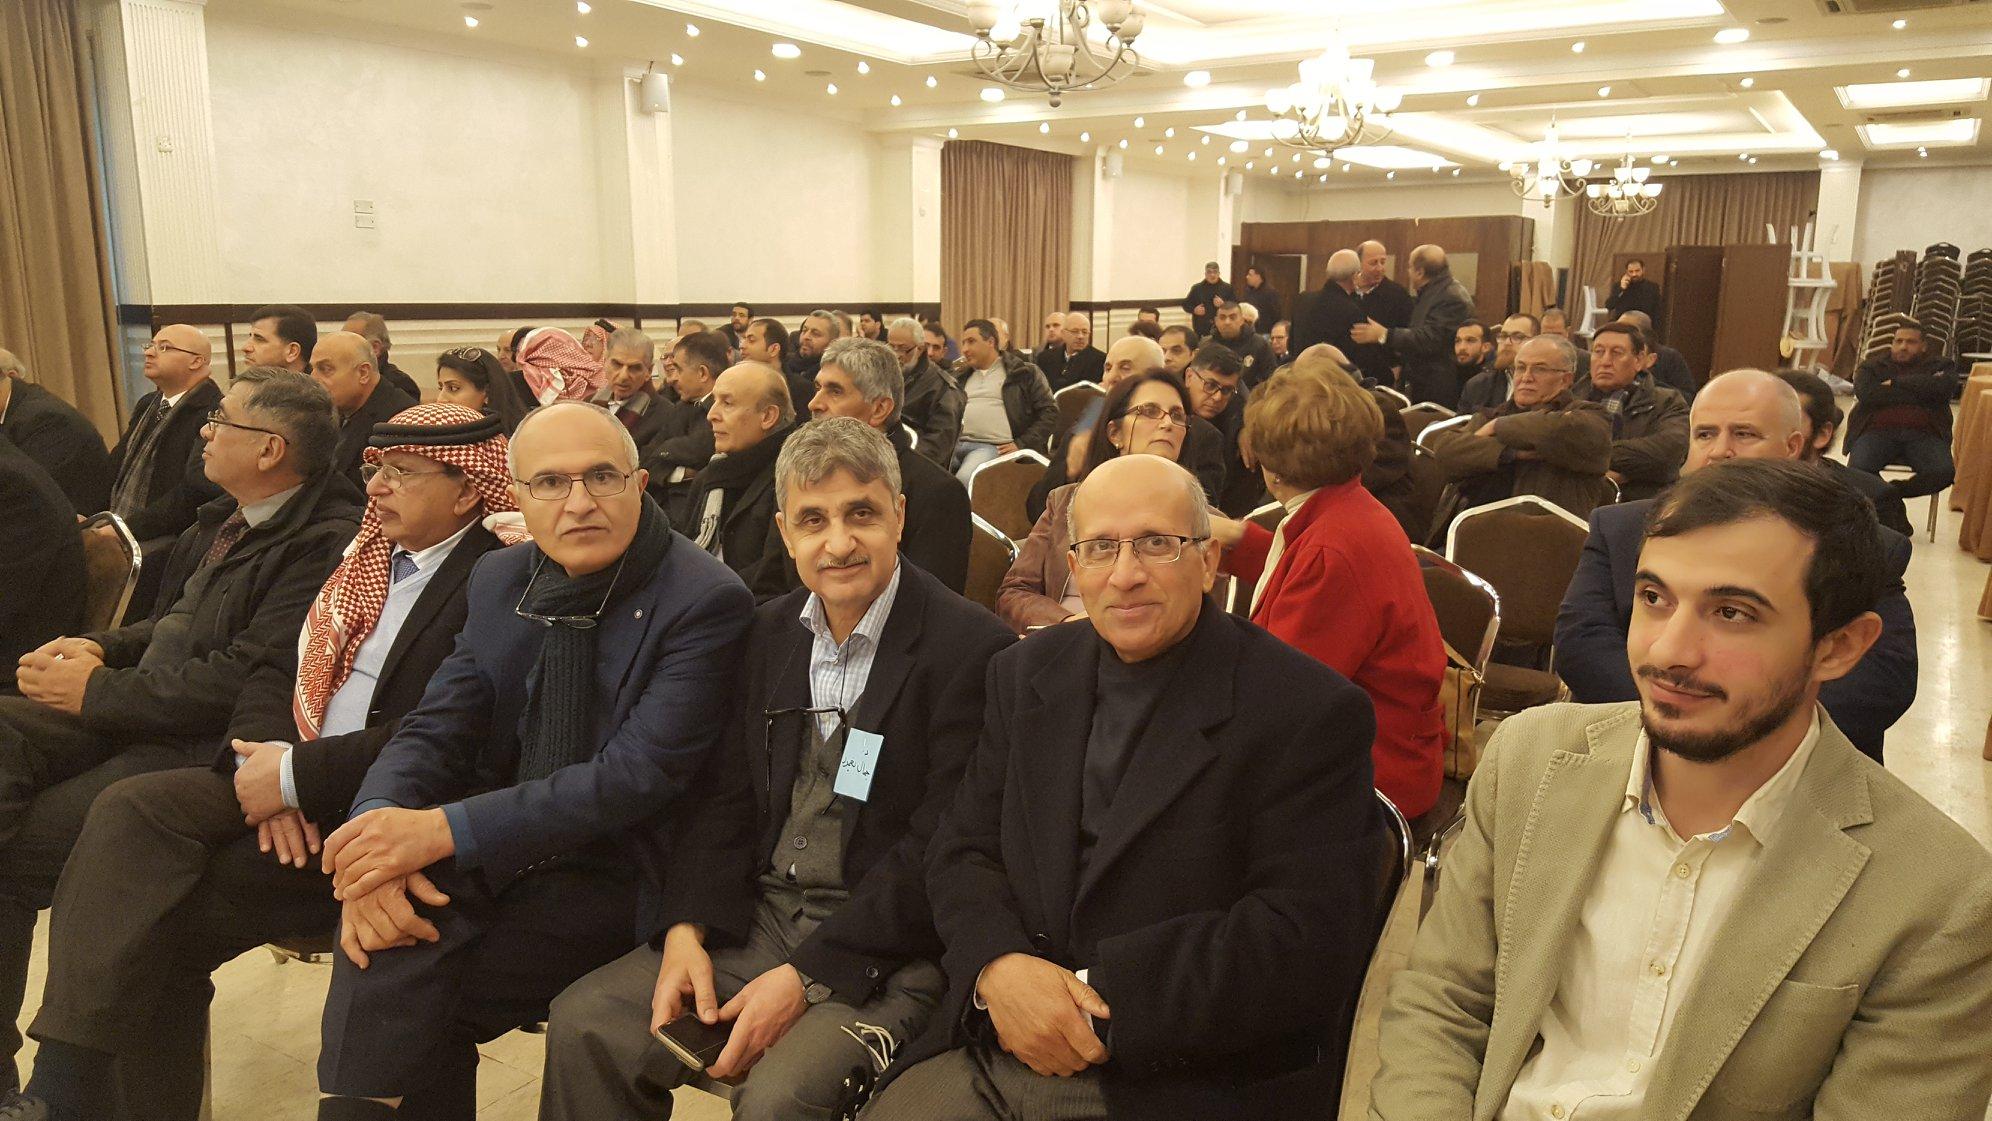 إنتخابات لجنه ادارة الصندوق التعاوني للأطباء الذي أقيم  في مجمع النقابات المهنيه – عمان 15 -2 – 2019